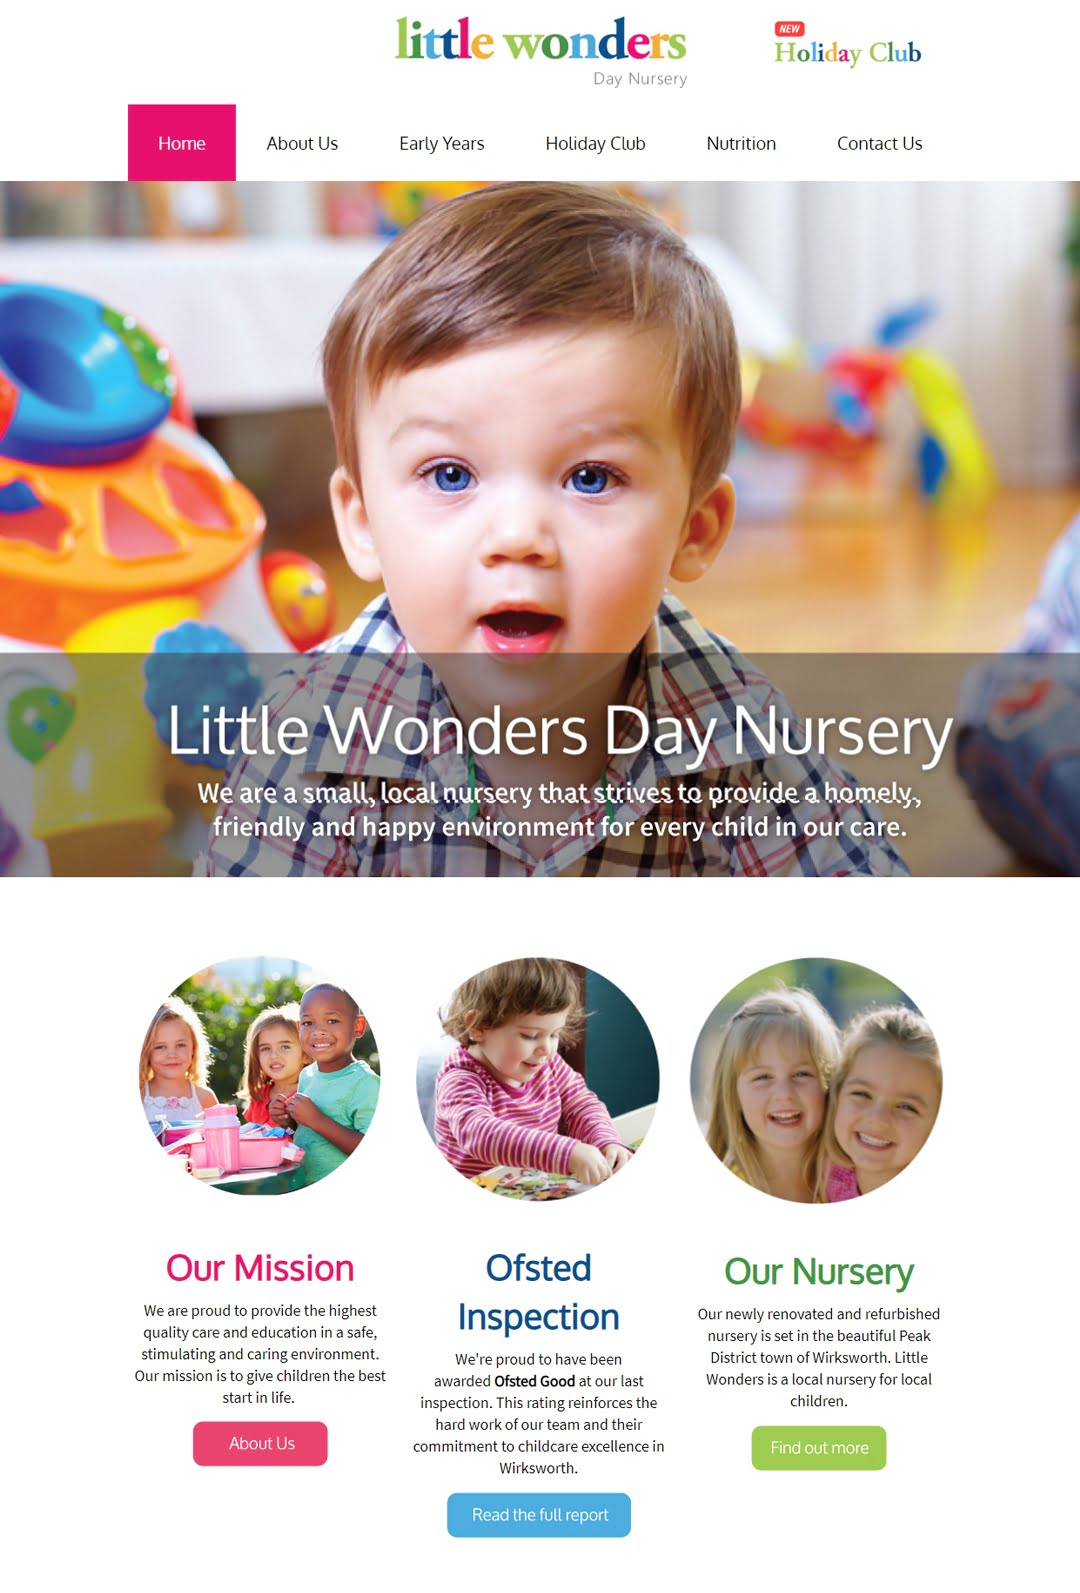 Little Wonders Day Nursery